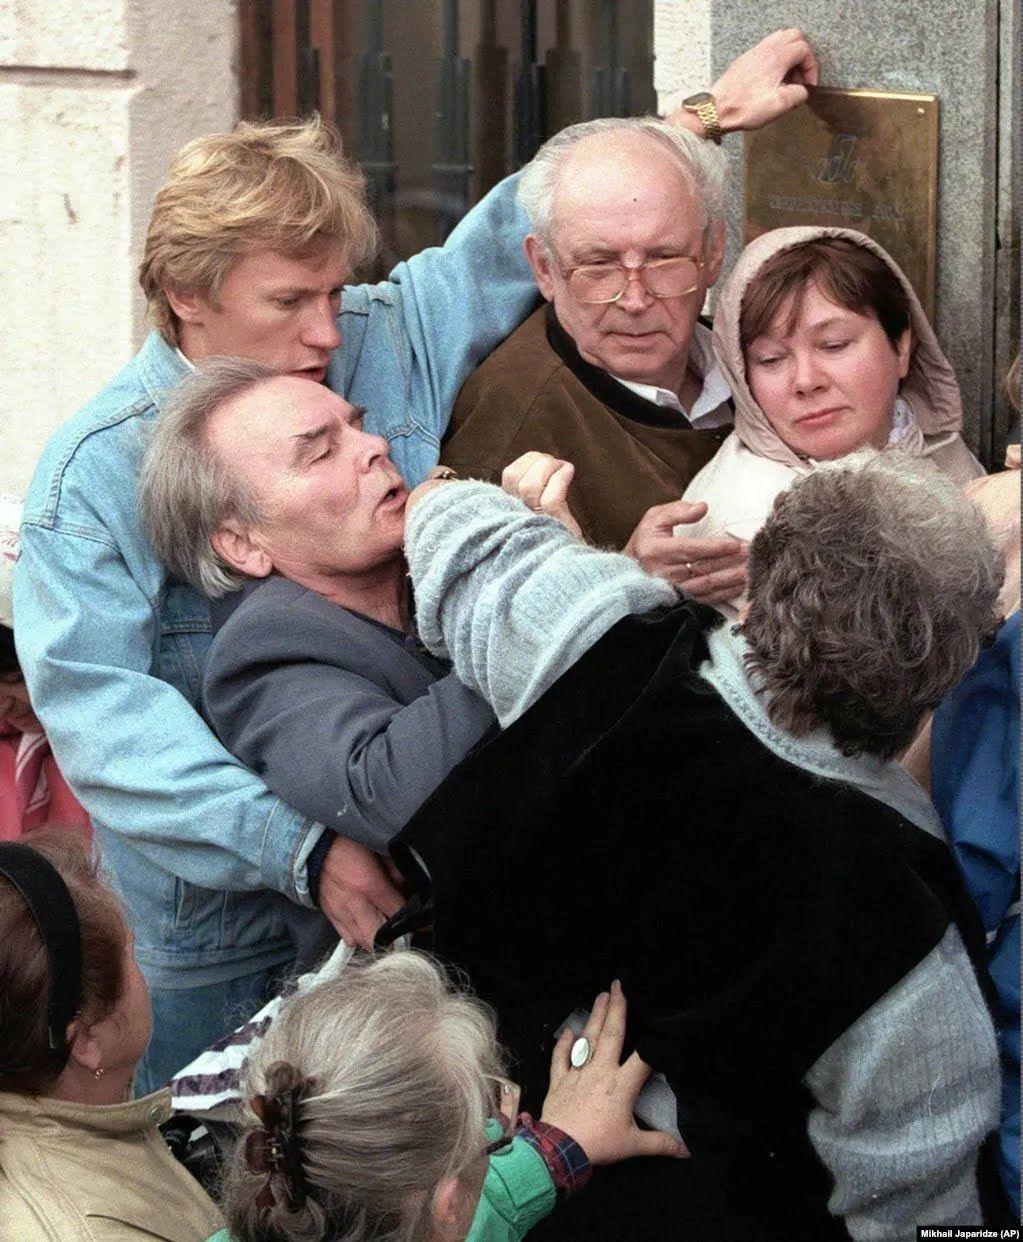 Москвичі штовхаються, поспішаючи увійти до банку в надії забрати свої заощадження 27 серпня 1998 року, оскільки вартість рубля різко падає